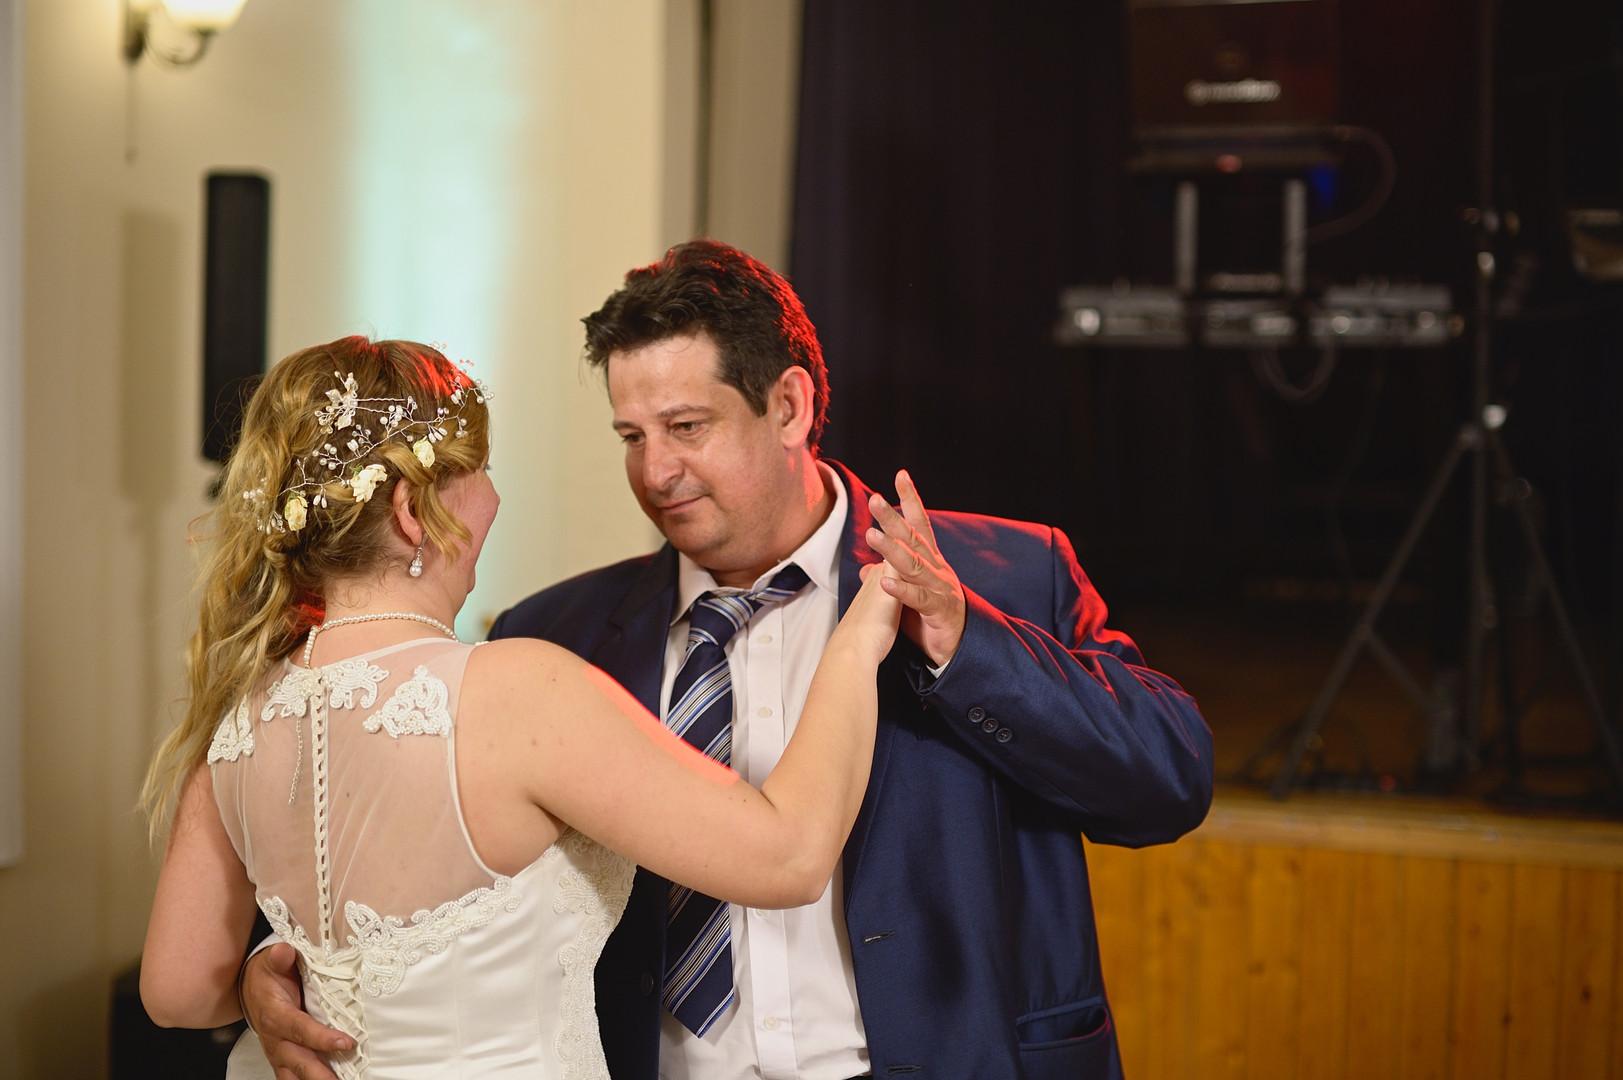 710  Esküvői fotózás - Enikő és Peti Bul